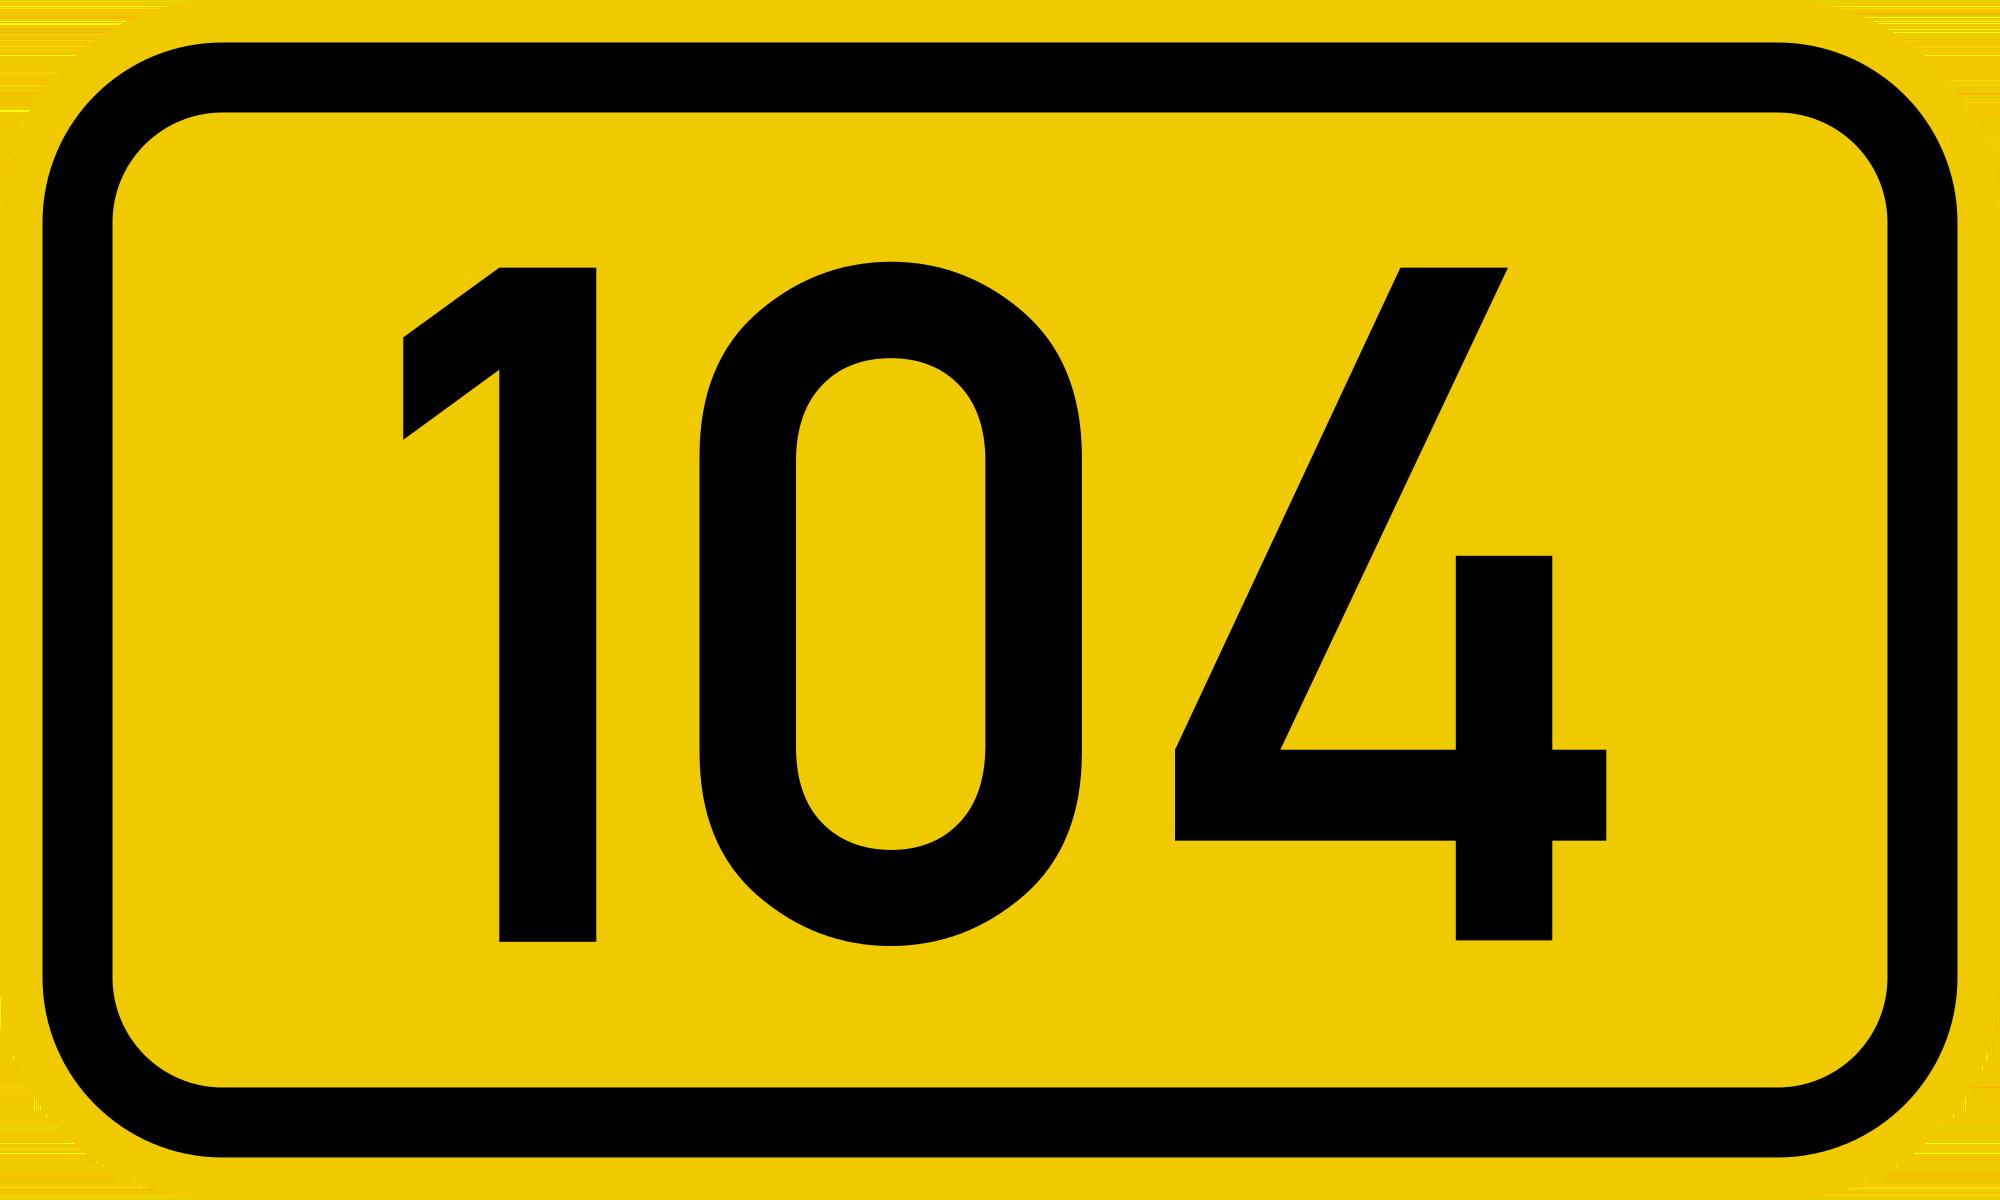 Permessi legge 104, preavviso al datore di lavoro quanto tempo prima?